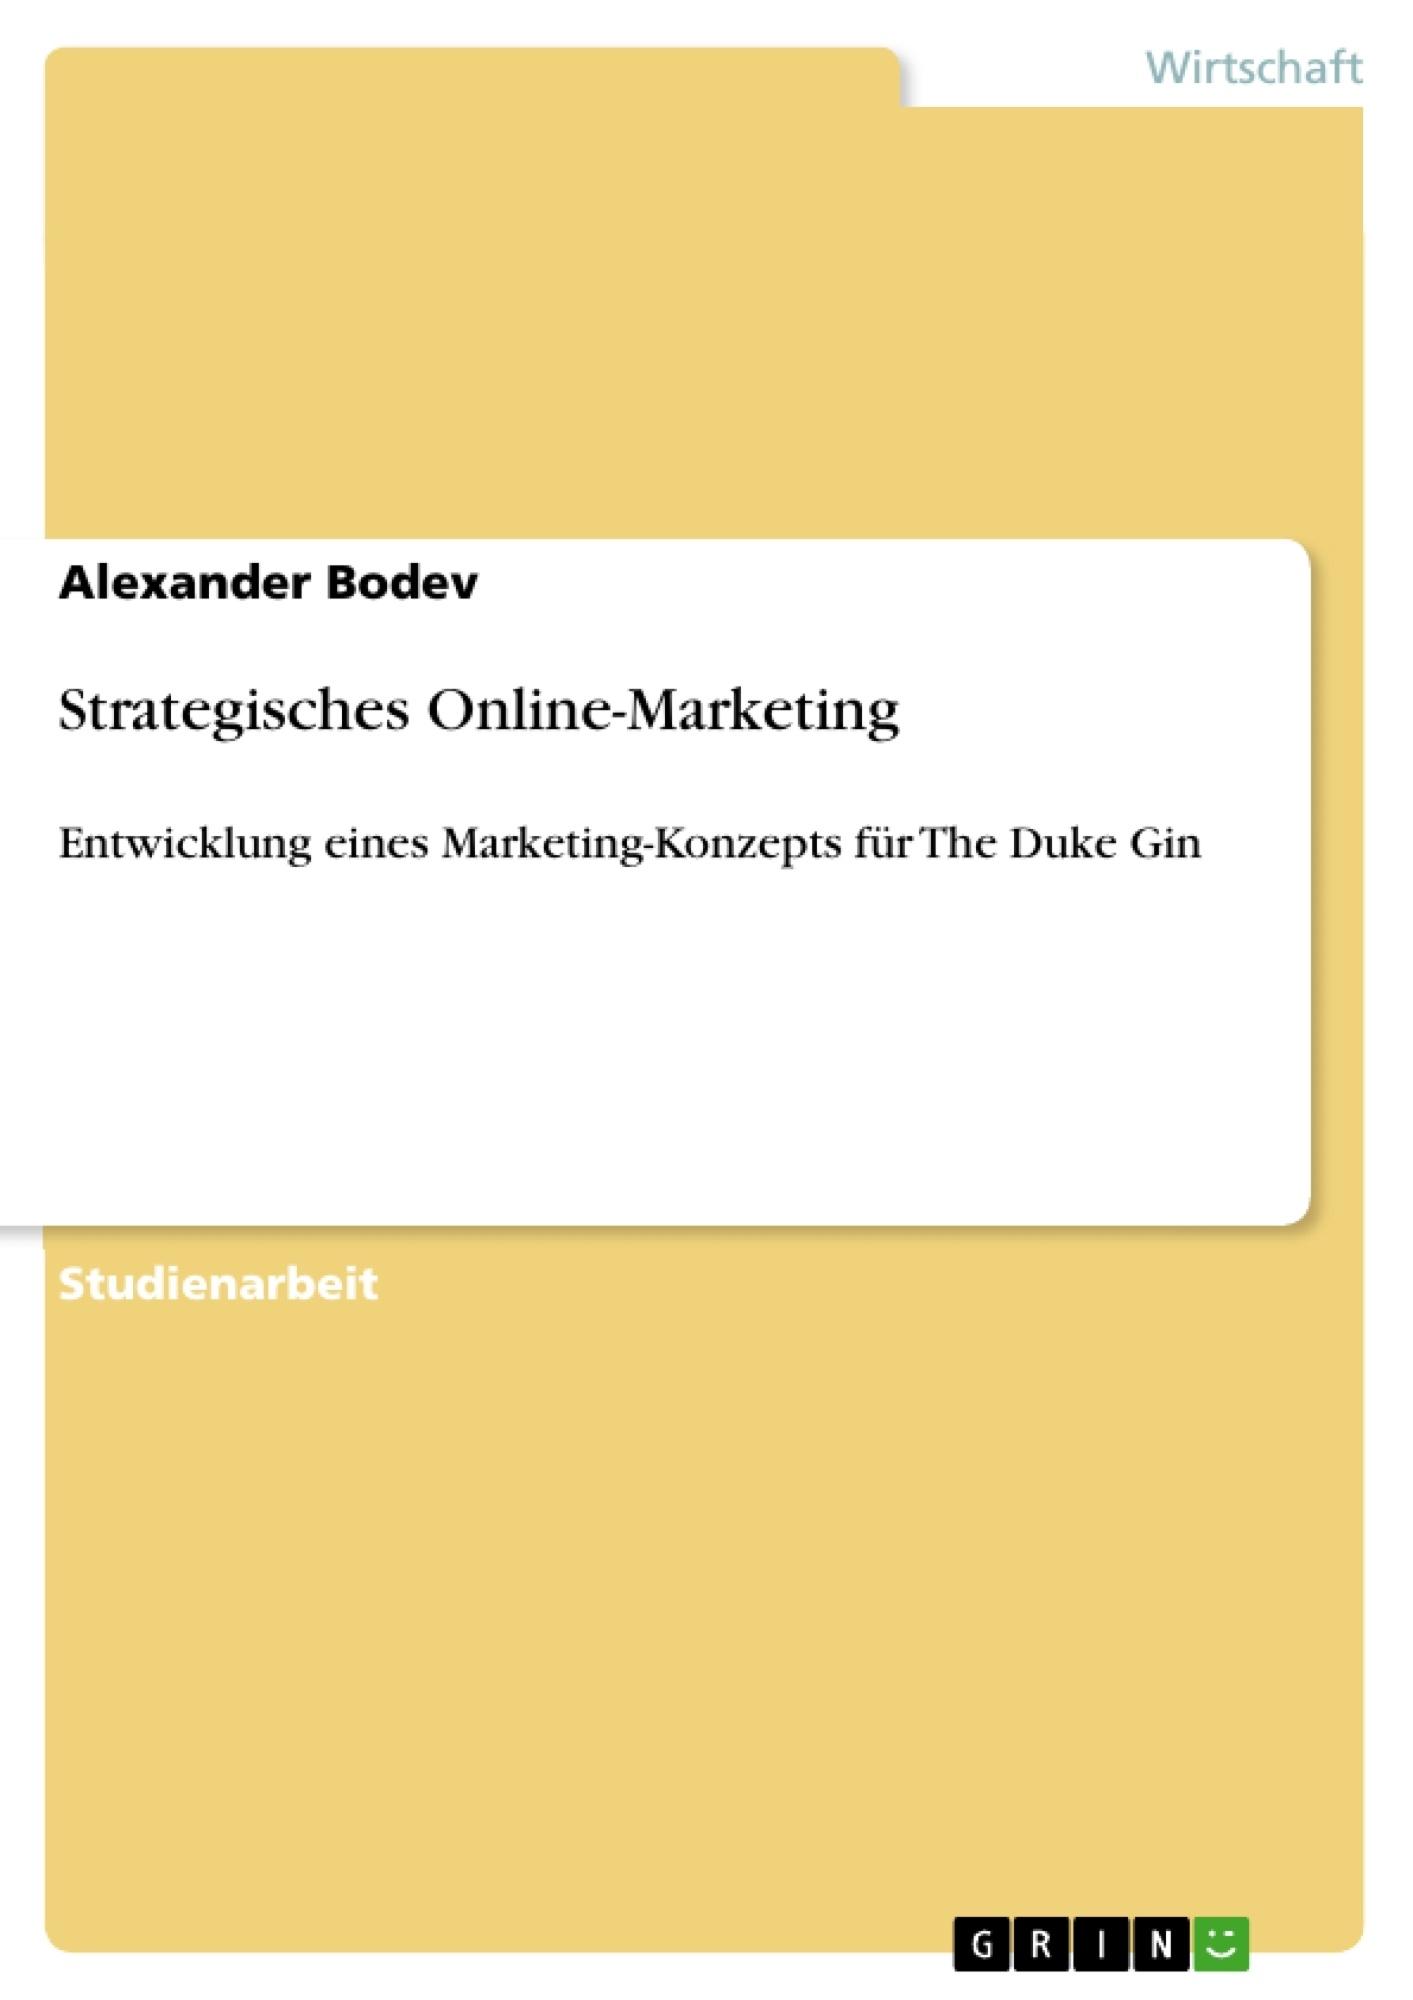 Titel: Strategisches Online-Marketing